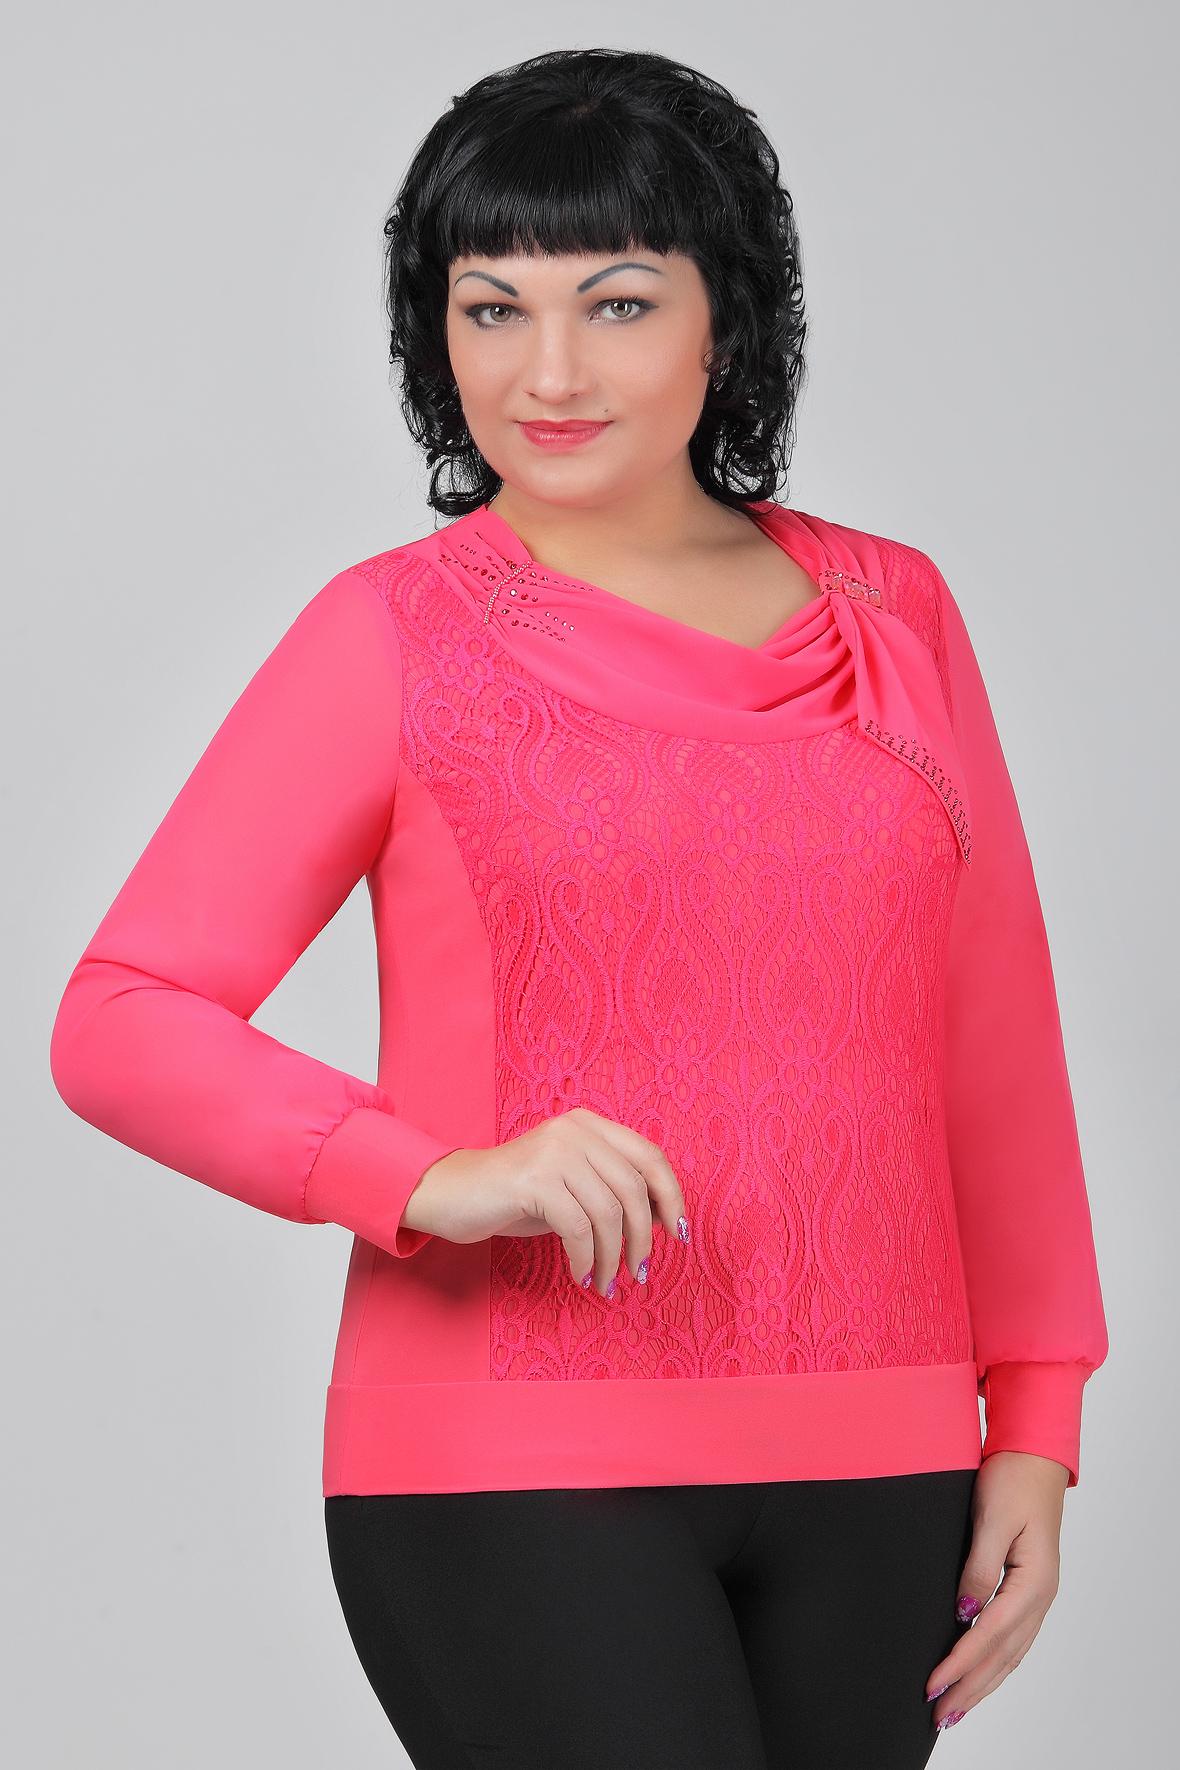 Нарядные Блузки Для Женщин Купить В Екатеринбурге